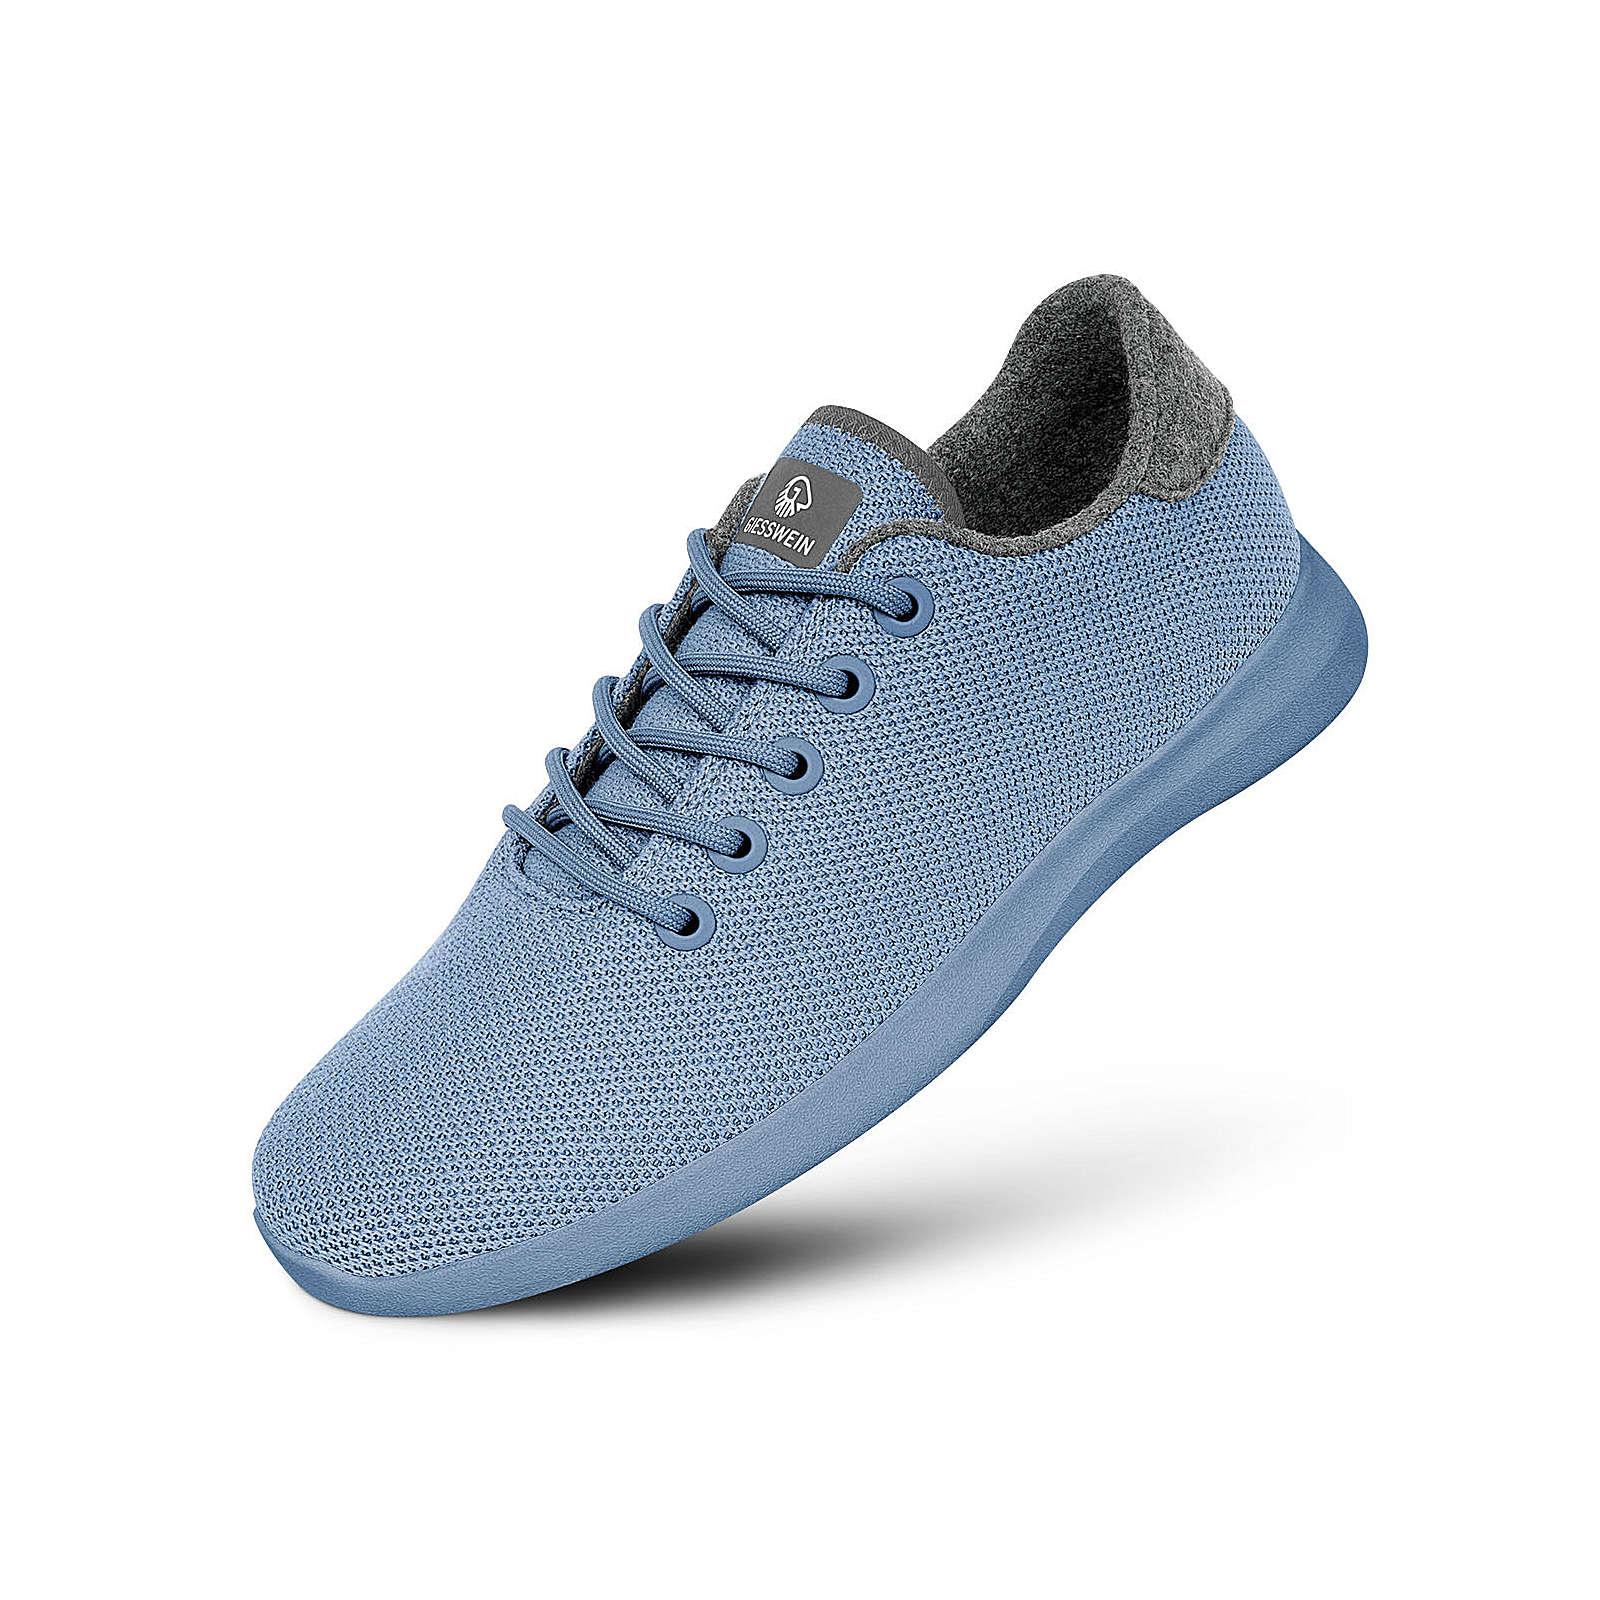 Giesswein Wollsneaker Merino Wool Knit Men Sneakers Low hellblau/creme Herren Gr. 43